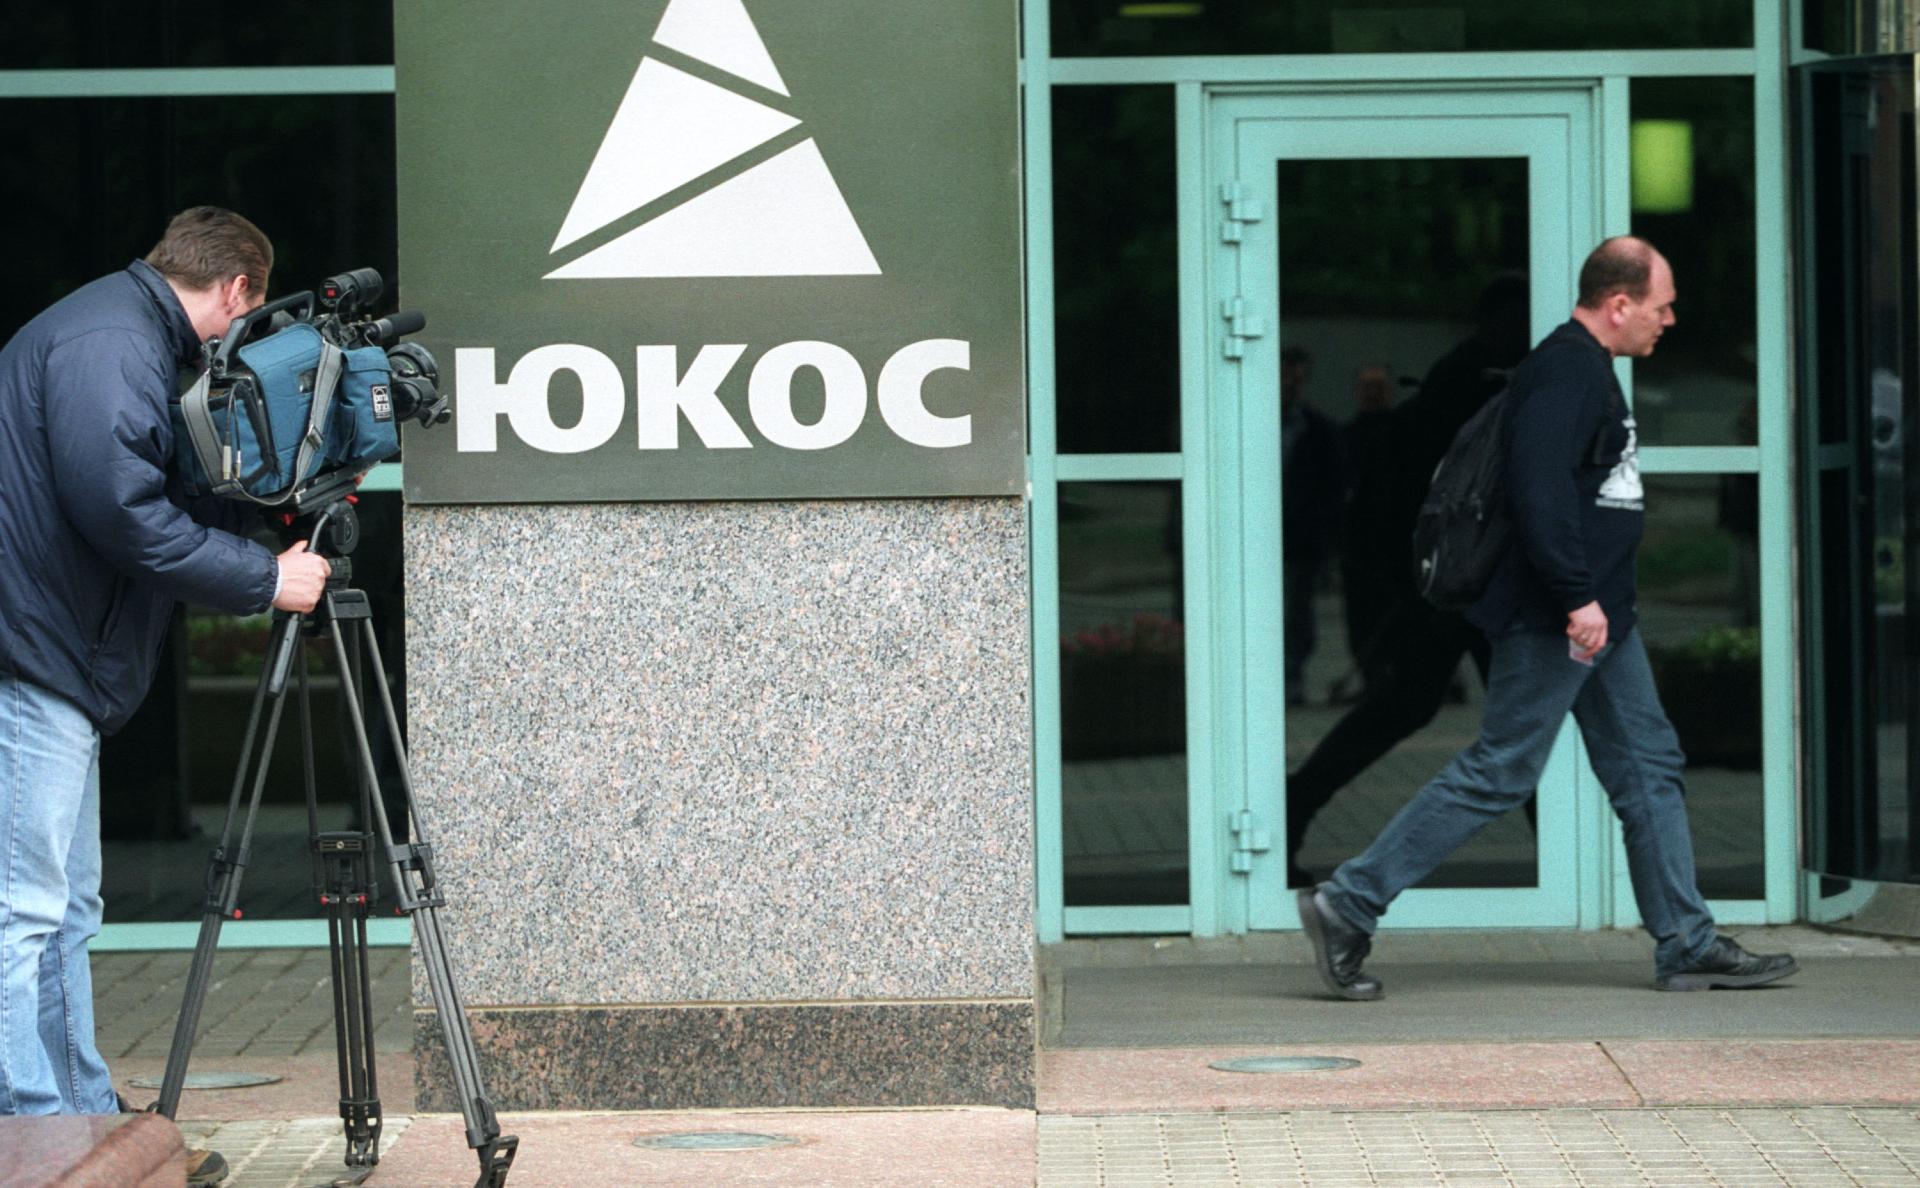 Фото: Борис Кавашкин / ТАСС